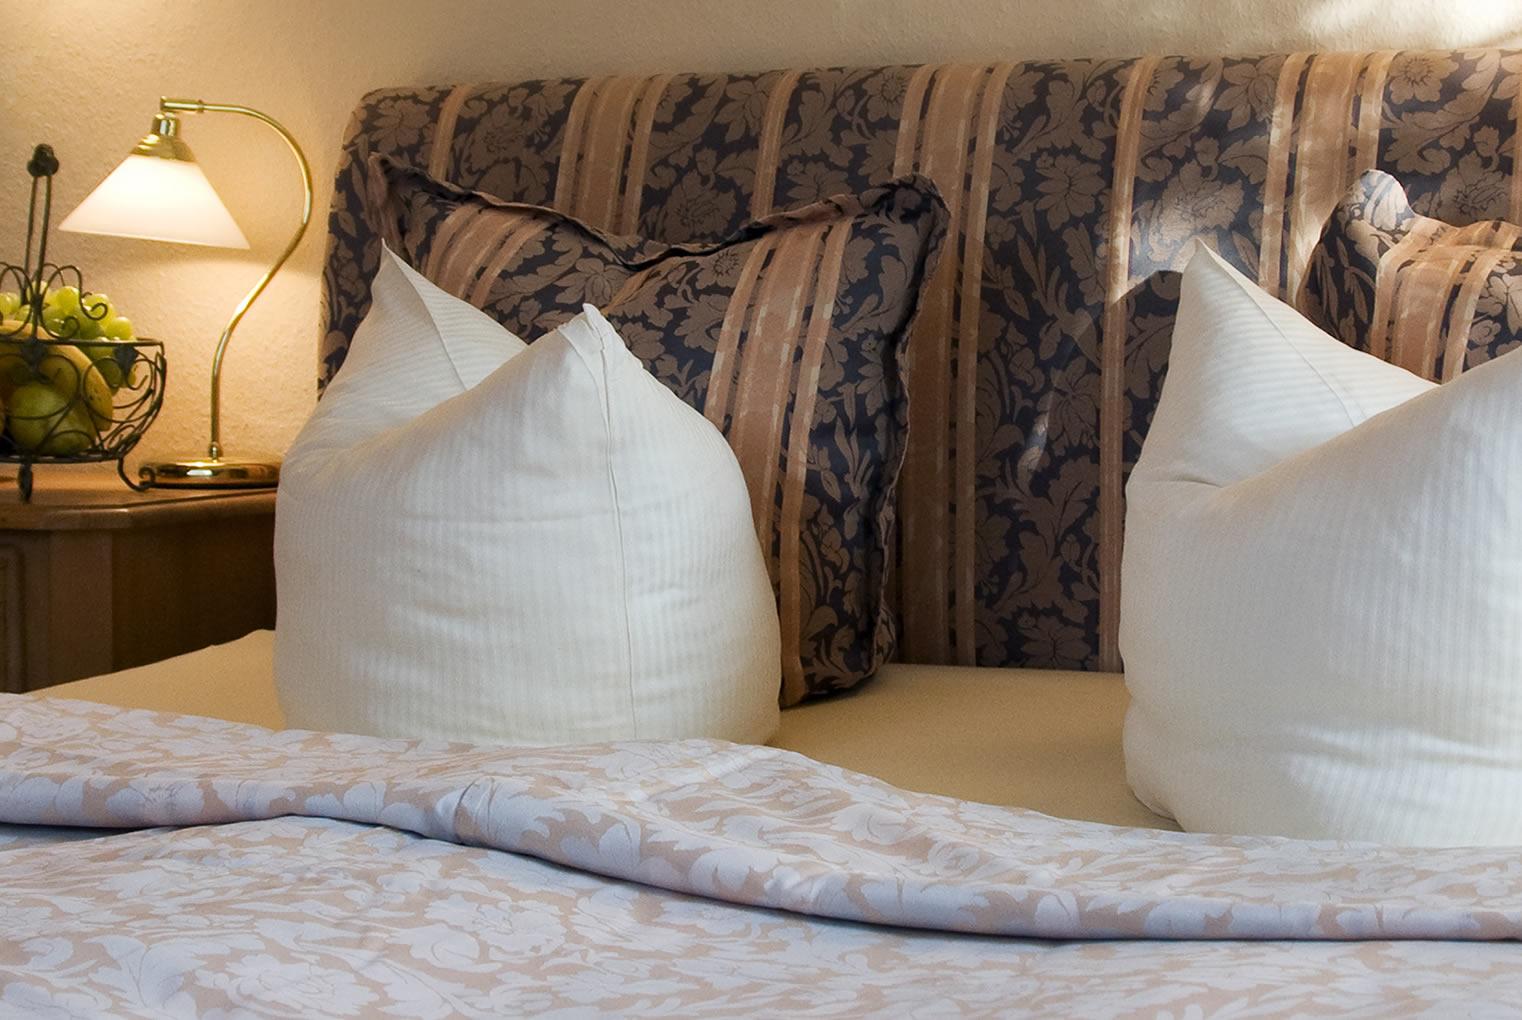 hotelzimmer freie zimmer in dresden im appartementhotel preiswert zimmer buchen mei en. Black Bedroom Furniture Sets. Home Design Ideas